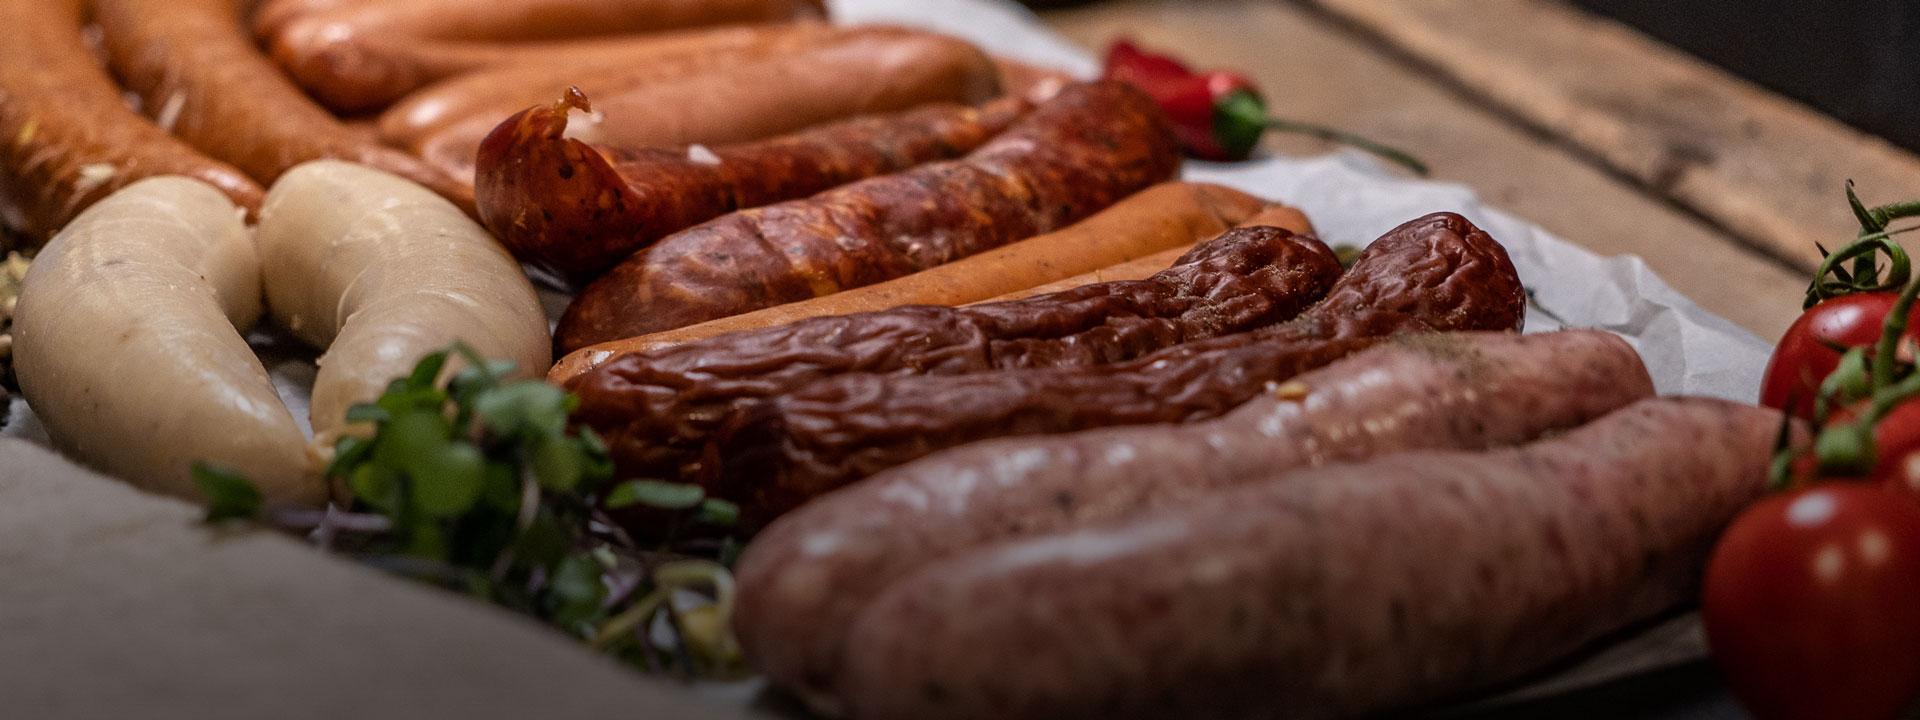 Grillguiden: allt du behöver veta om kött & grillning Scan